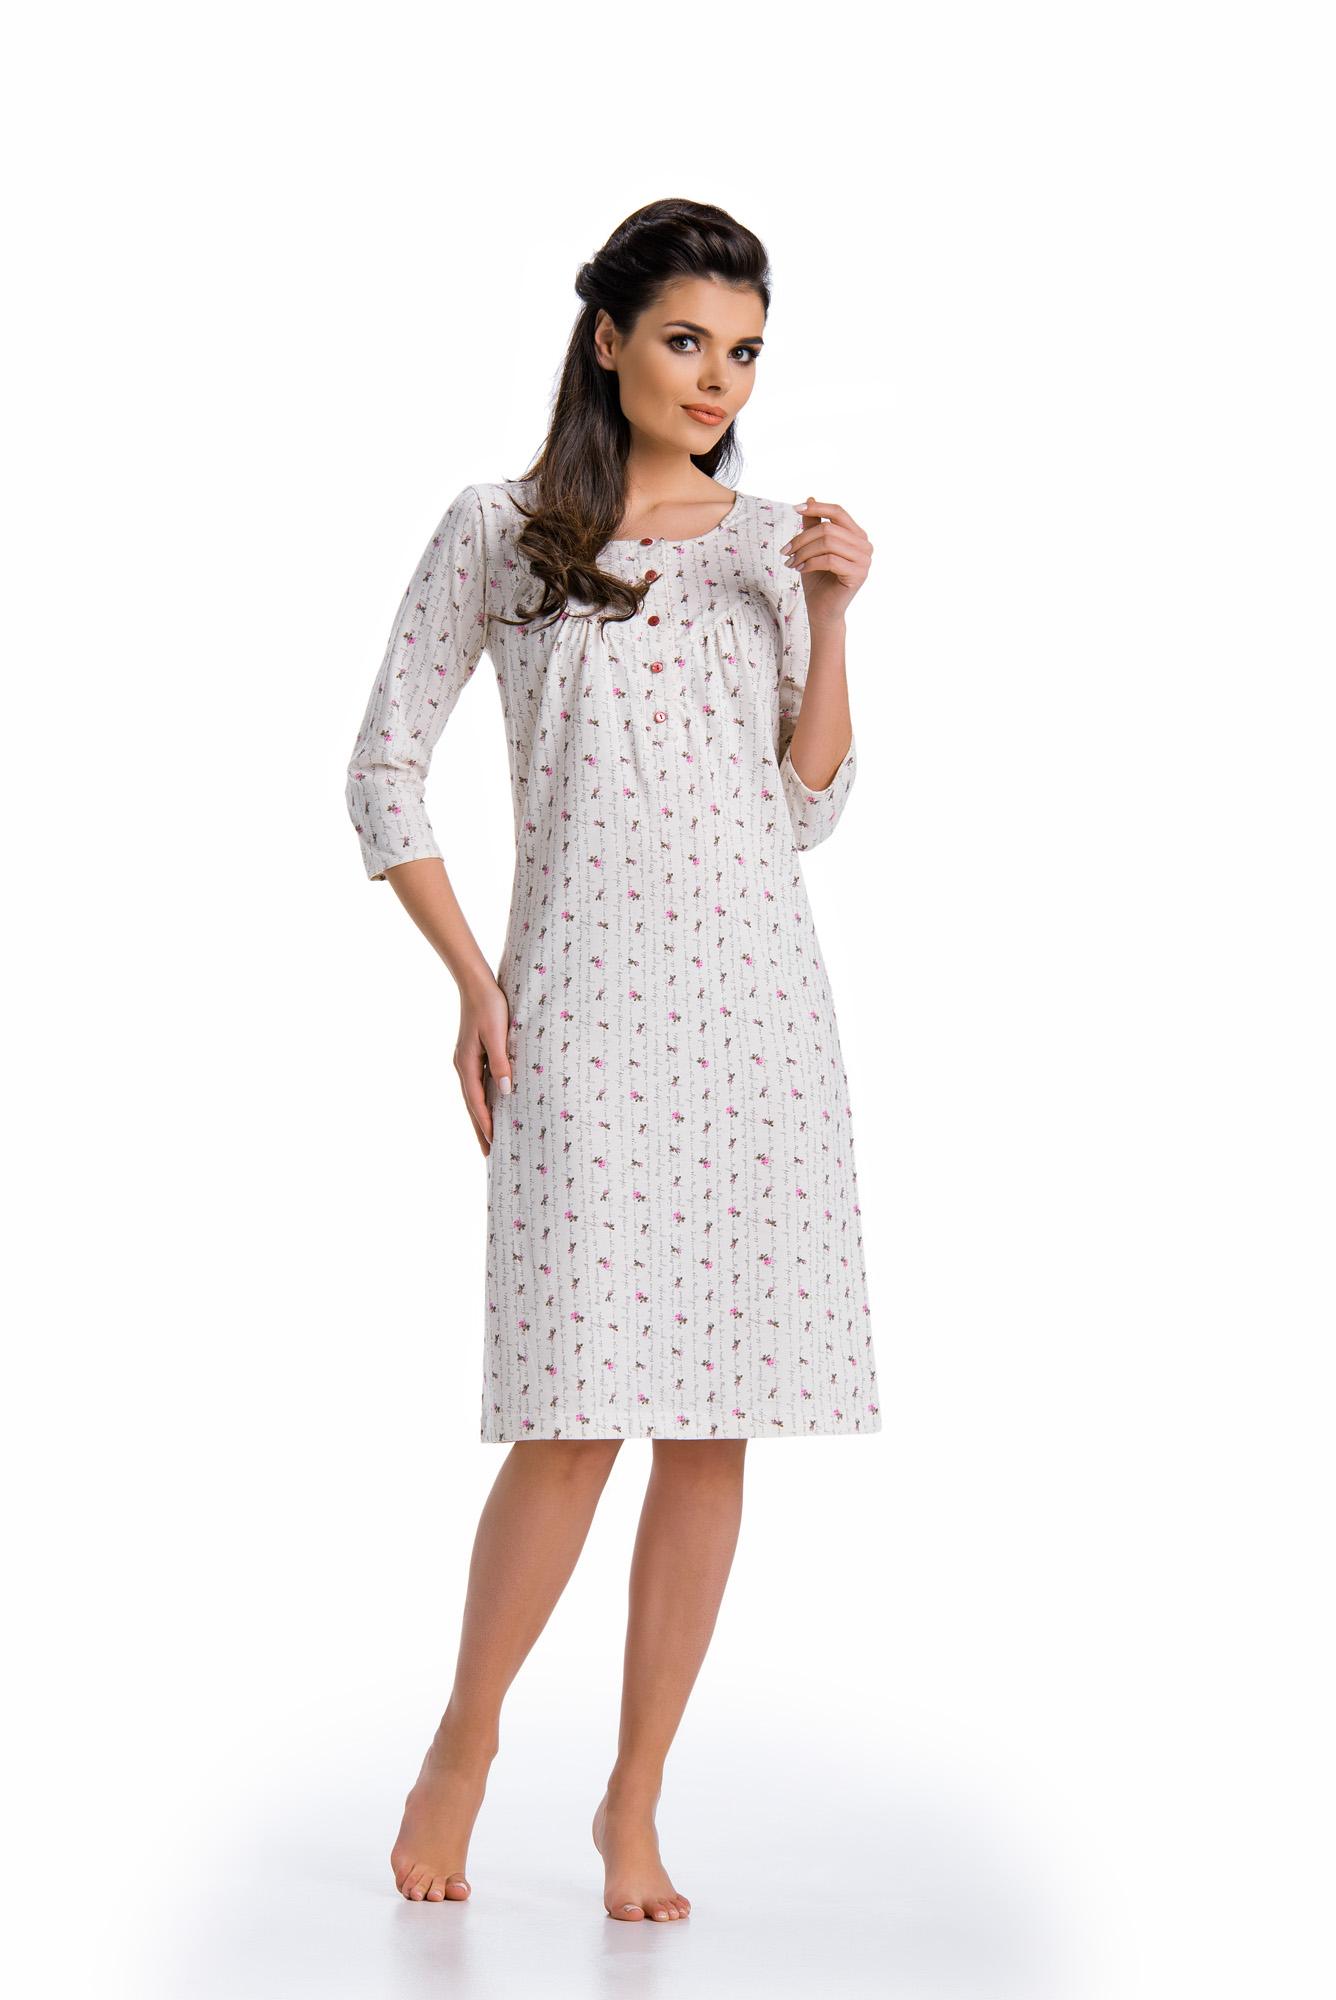 cb7e28eaac88e5 Koszule nocne   Kategorie produktów   Szata sklep z odzieżą damską i ...